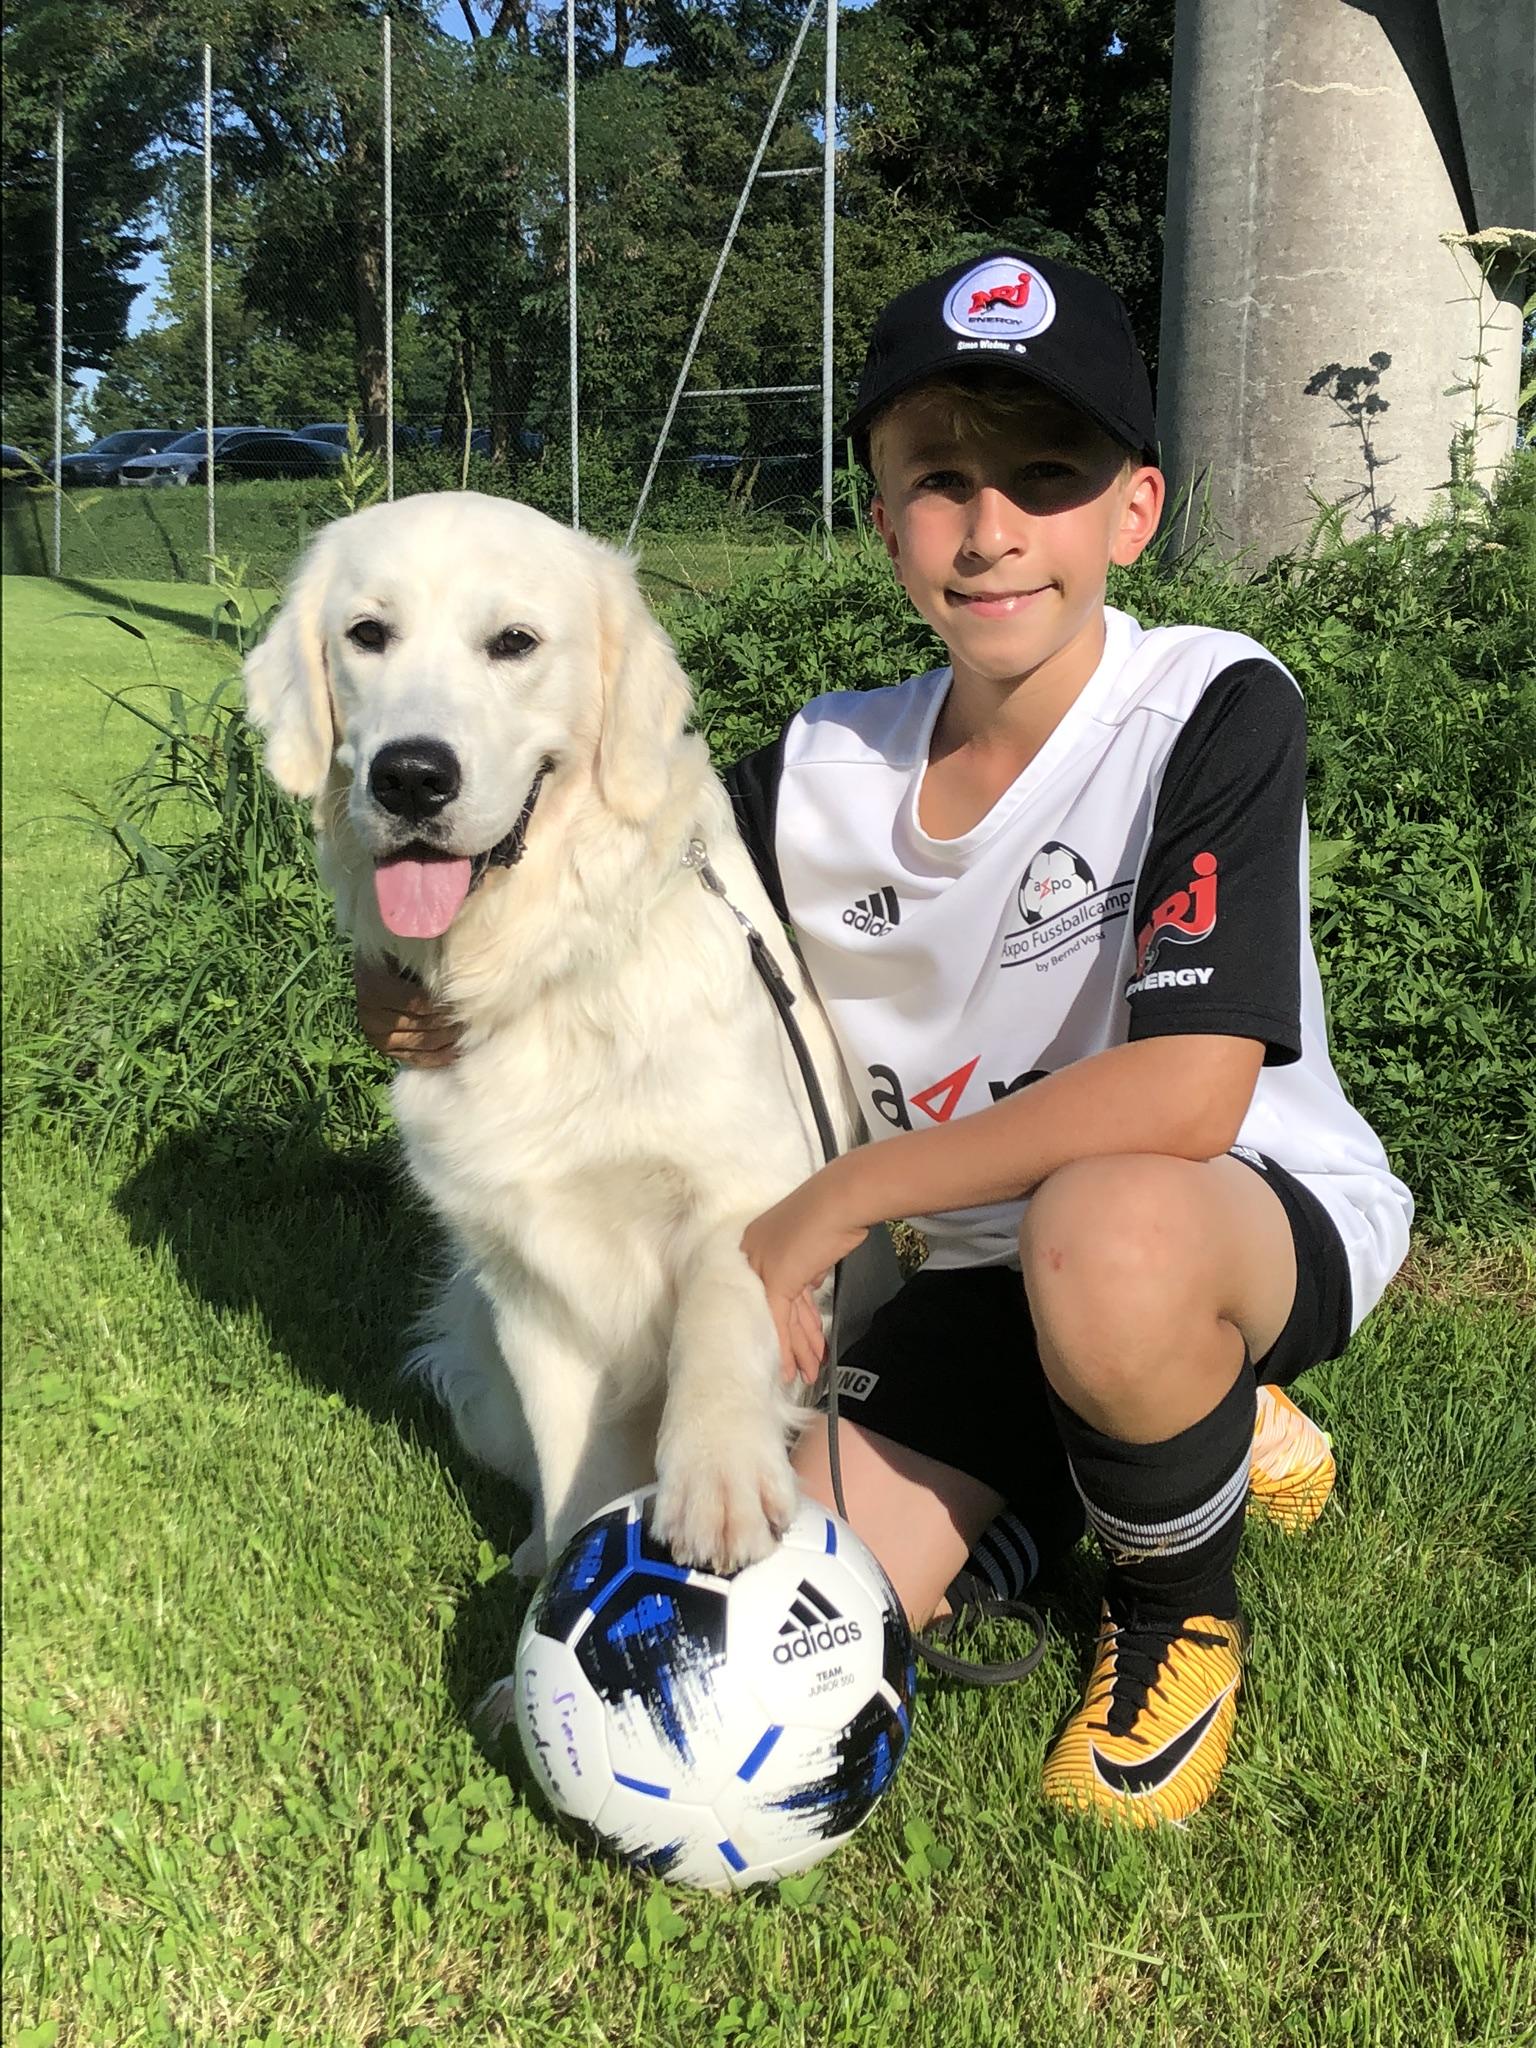 Mein Simon, Fussballnarr - so habe ich auch ganz schön viel Ahnung vom Fussball, habe schon oft zugeschaut...